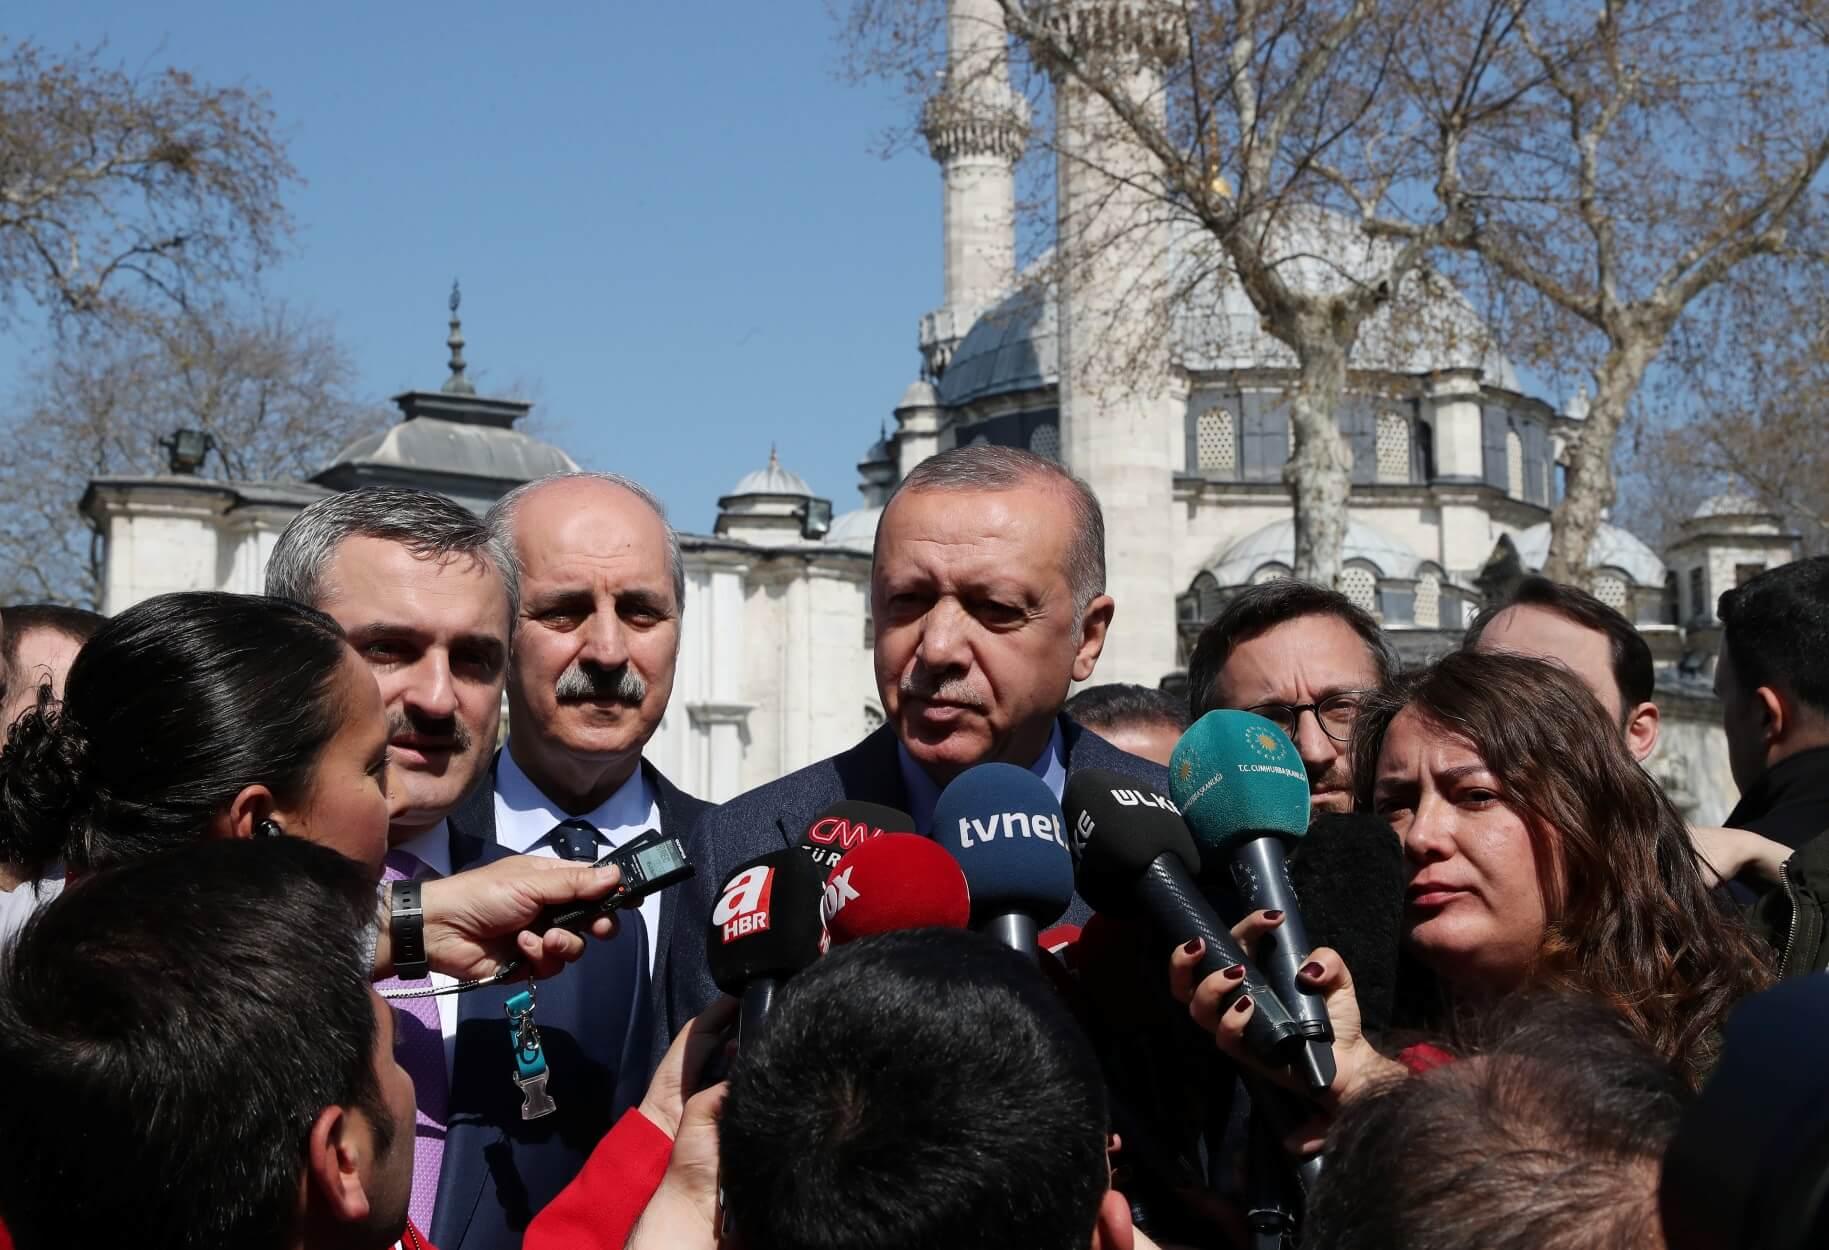 Ερντογάν: Δεν μπορεί να αντέξει στη σκέψη ότι έχασε την Κωνσταντινούπολη!